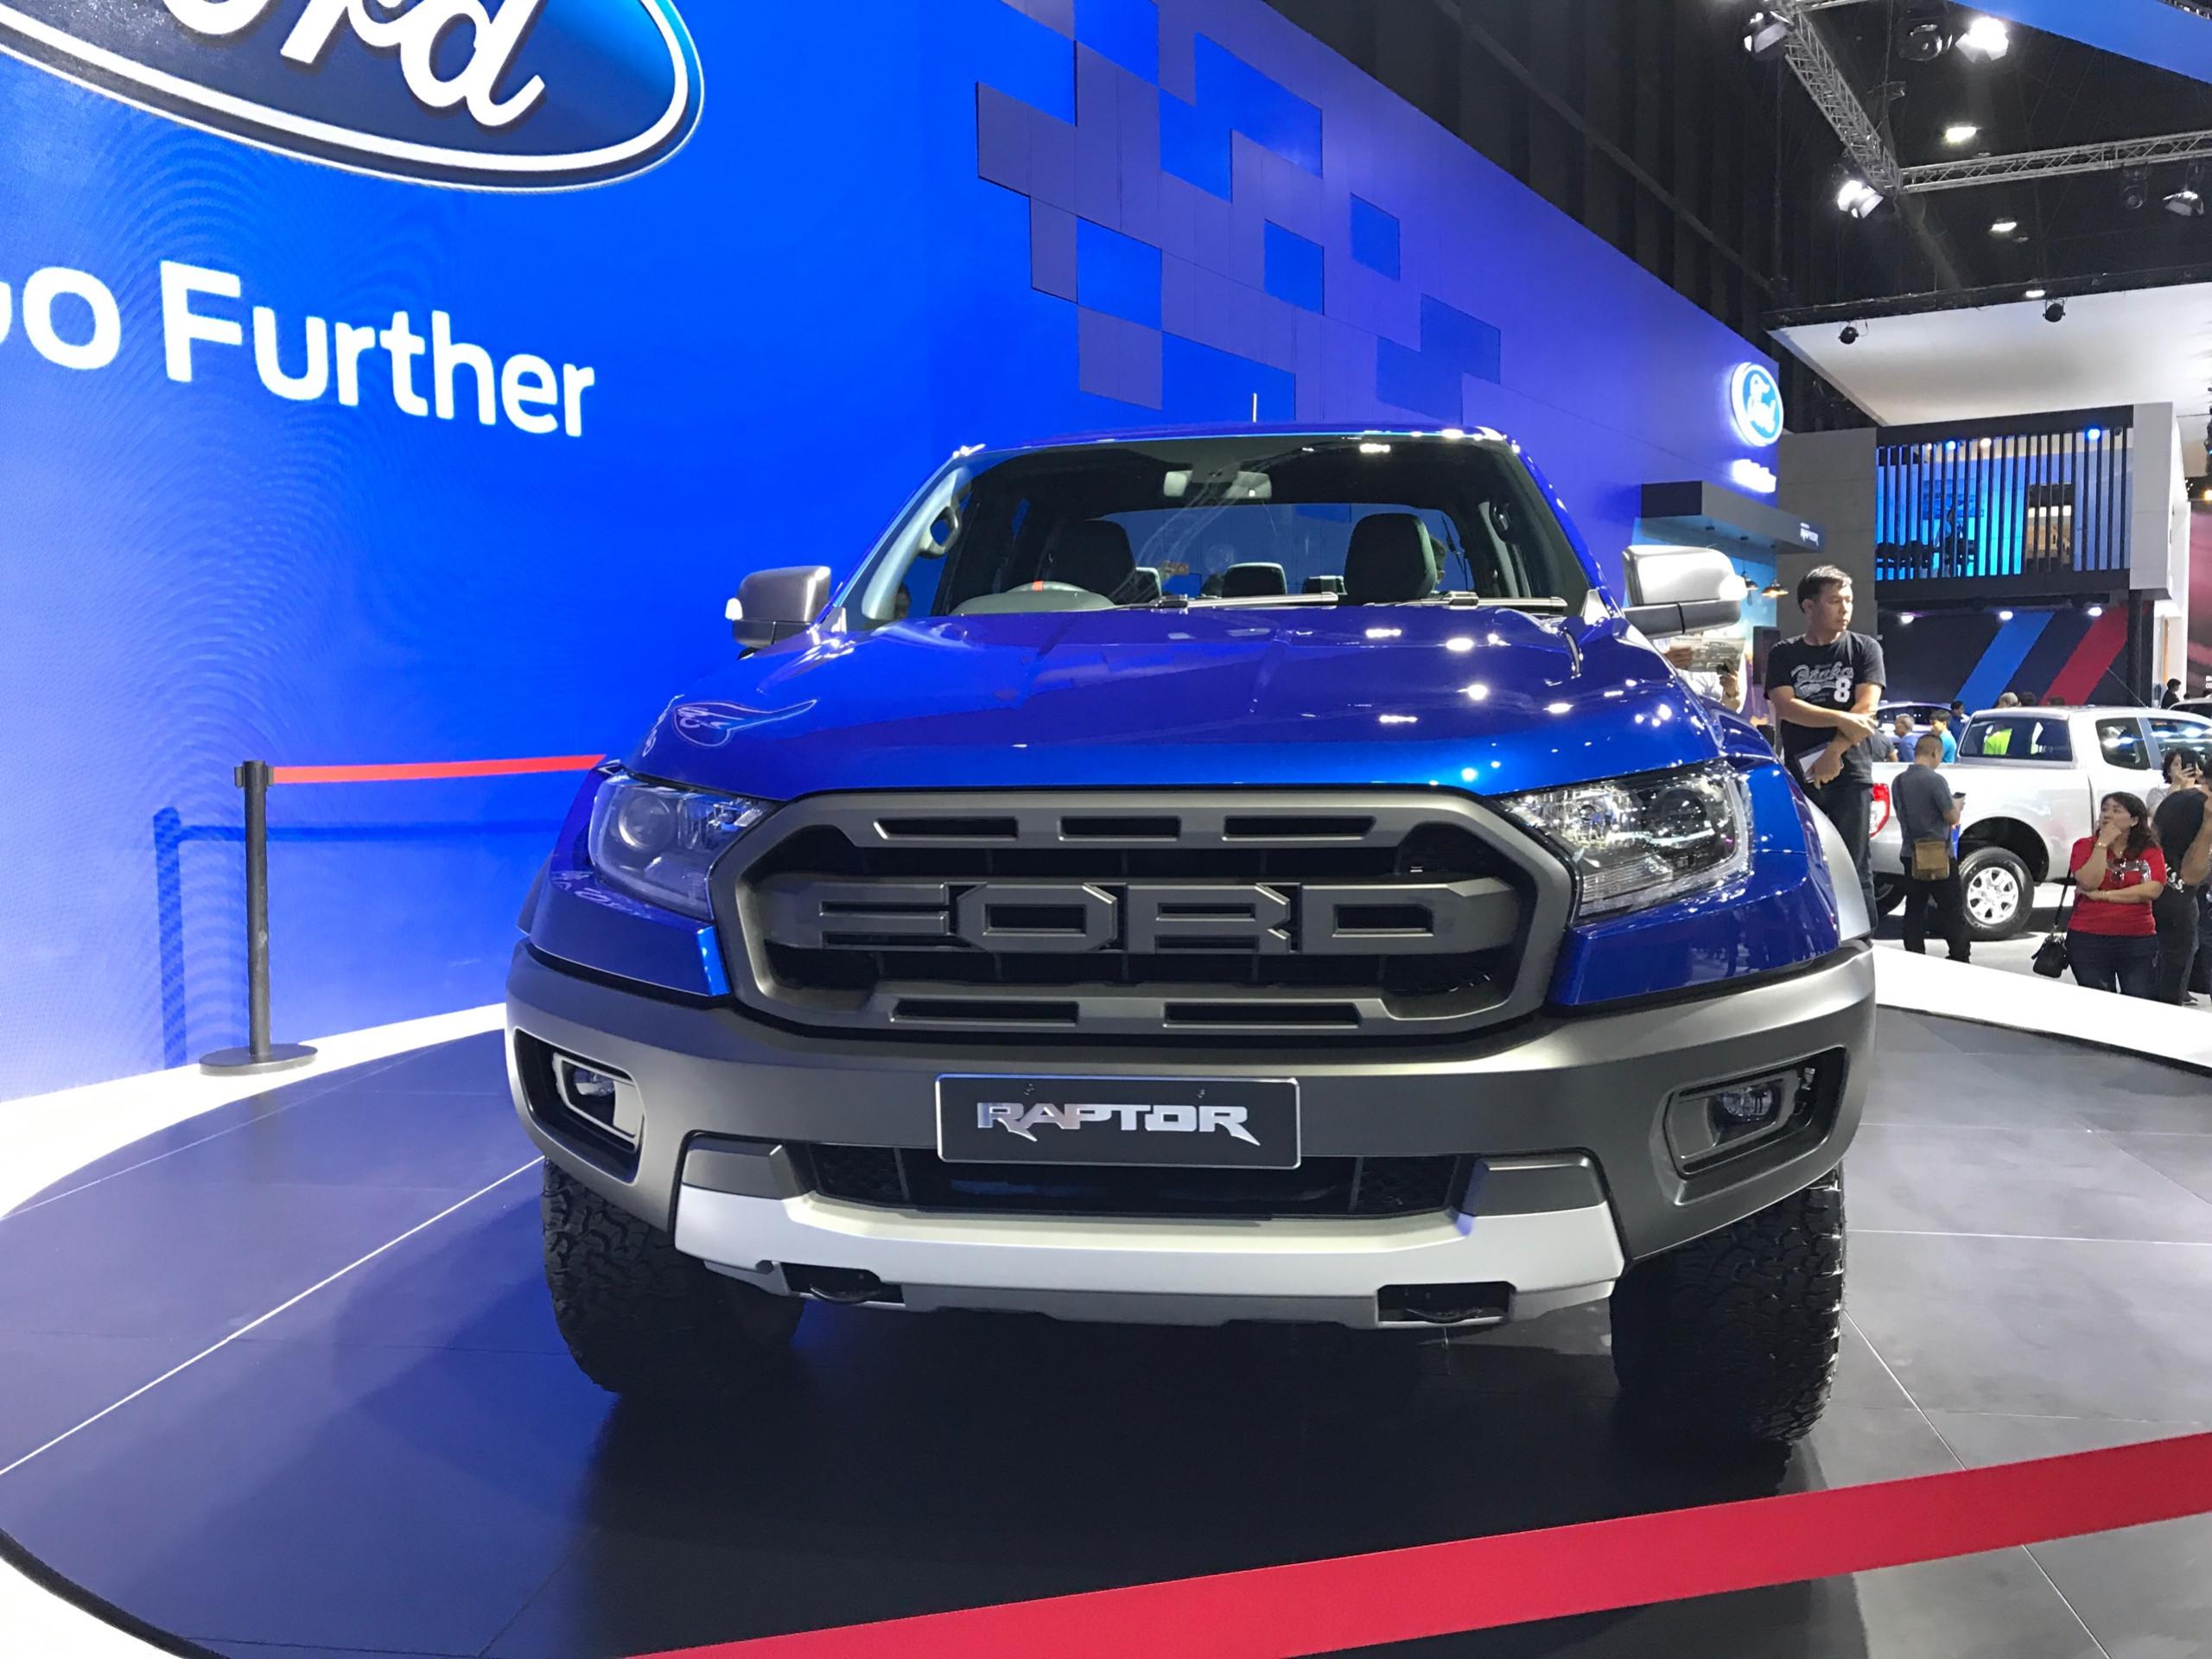 phần đầu xe Ford Ranger Raptor 2018.jpg